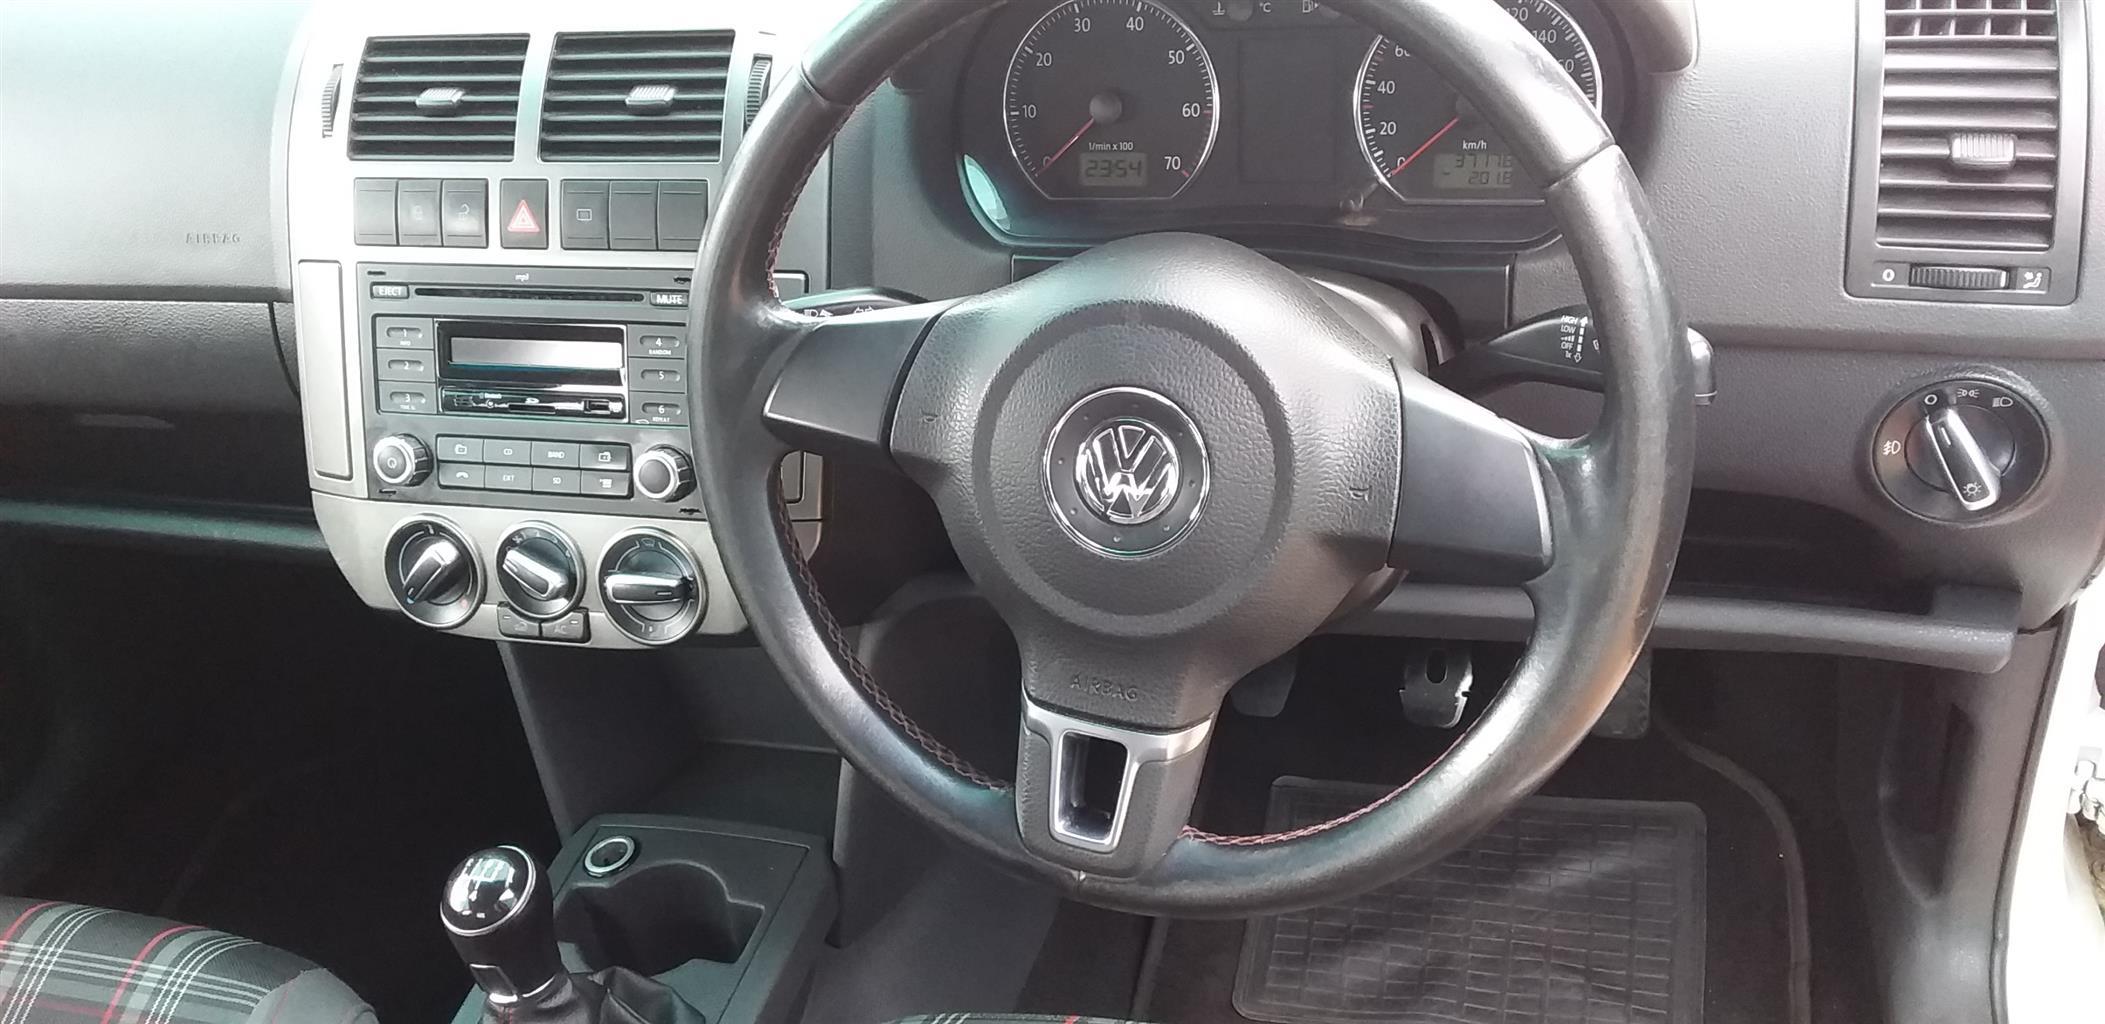 2017 VW Polo Vivo hatch 1.6 GTS